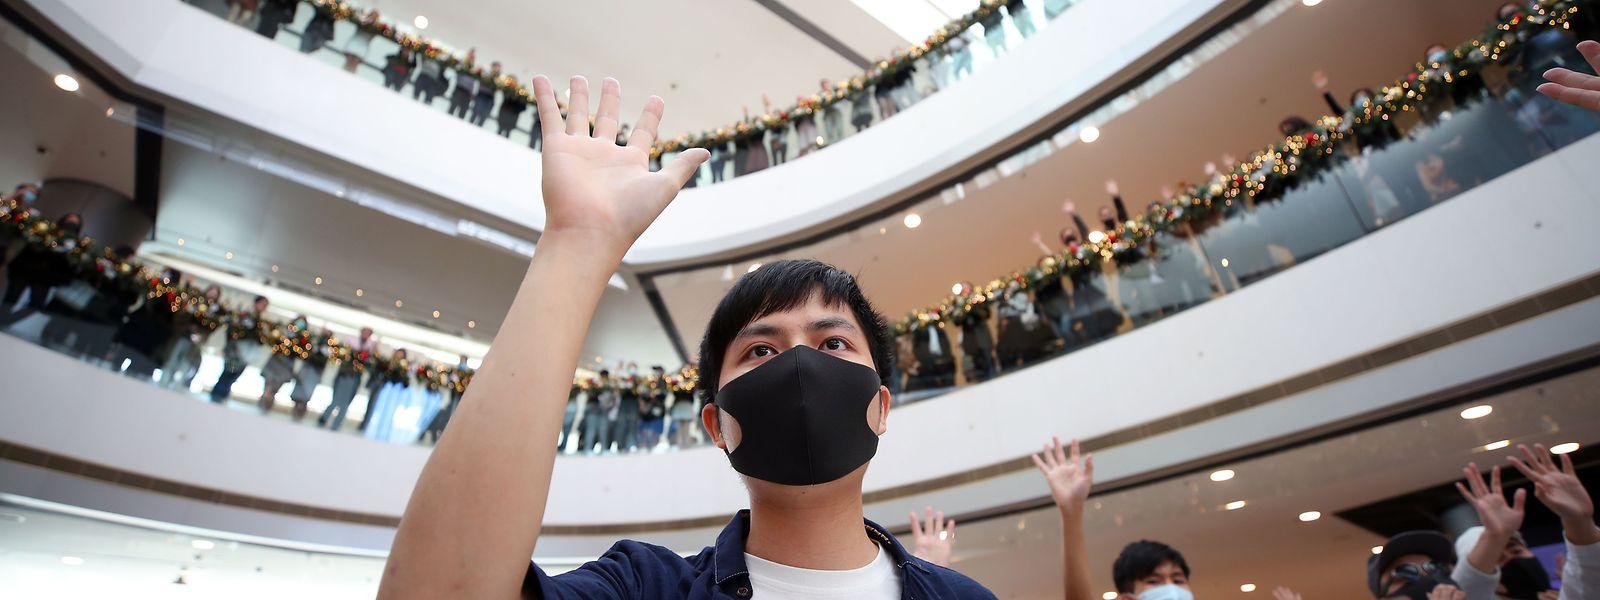 Ein Demonstrant hält während einer Kundgebung im International Finance Center die fünf Finger seiner Hand hoch. Sie stehen für die fünf Forderungen der Demonstranten, die u.a. freie Wahlen, eine unabhängige Untersuchung von Polizeibrutalität sowie Straffreiheit für die Festgenommenen und auch den Rücktritt der Regierungschefin umfassen.